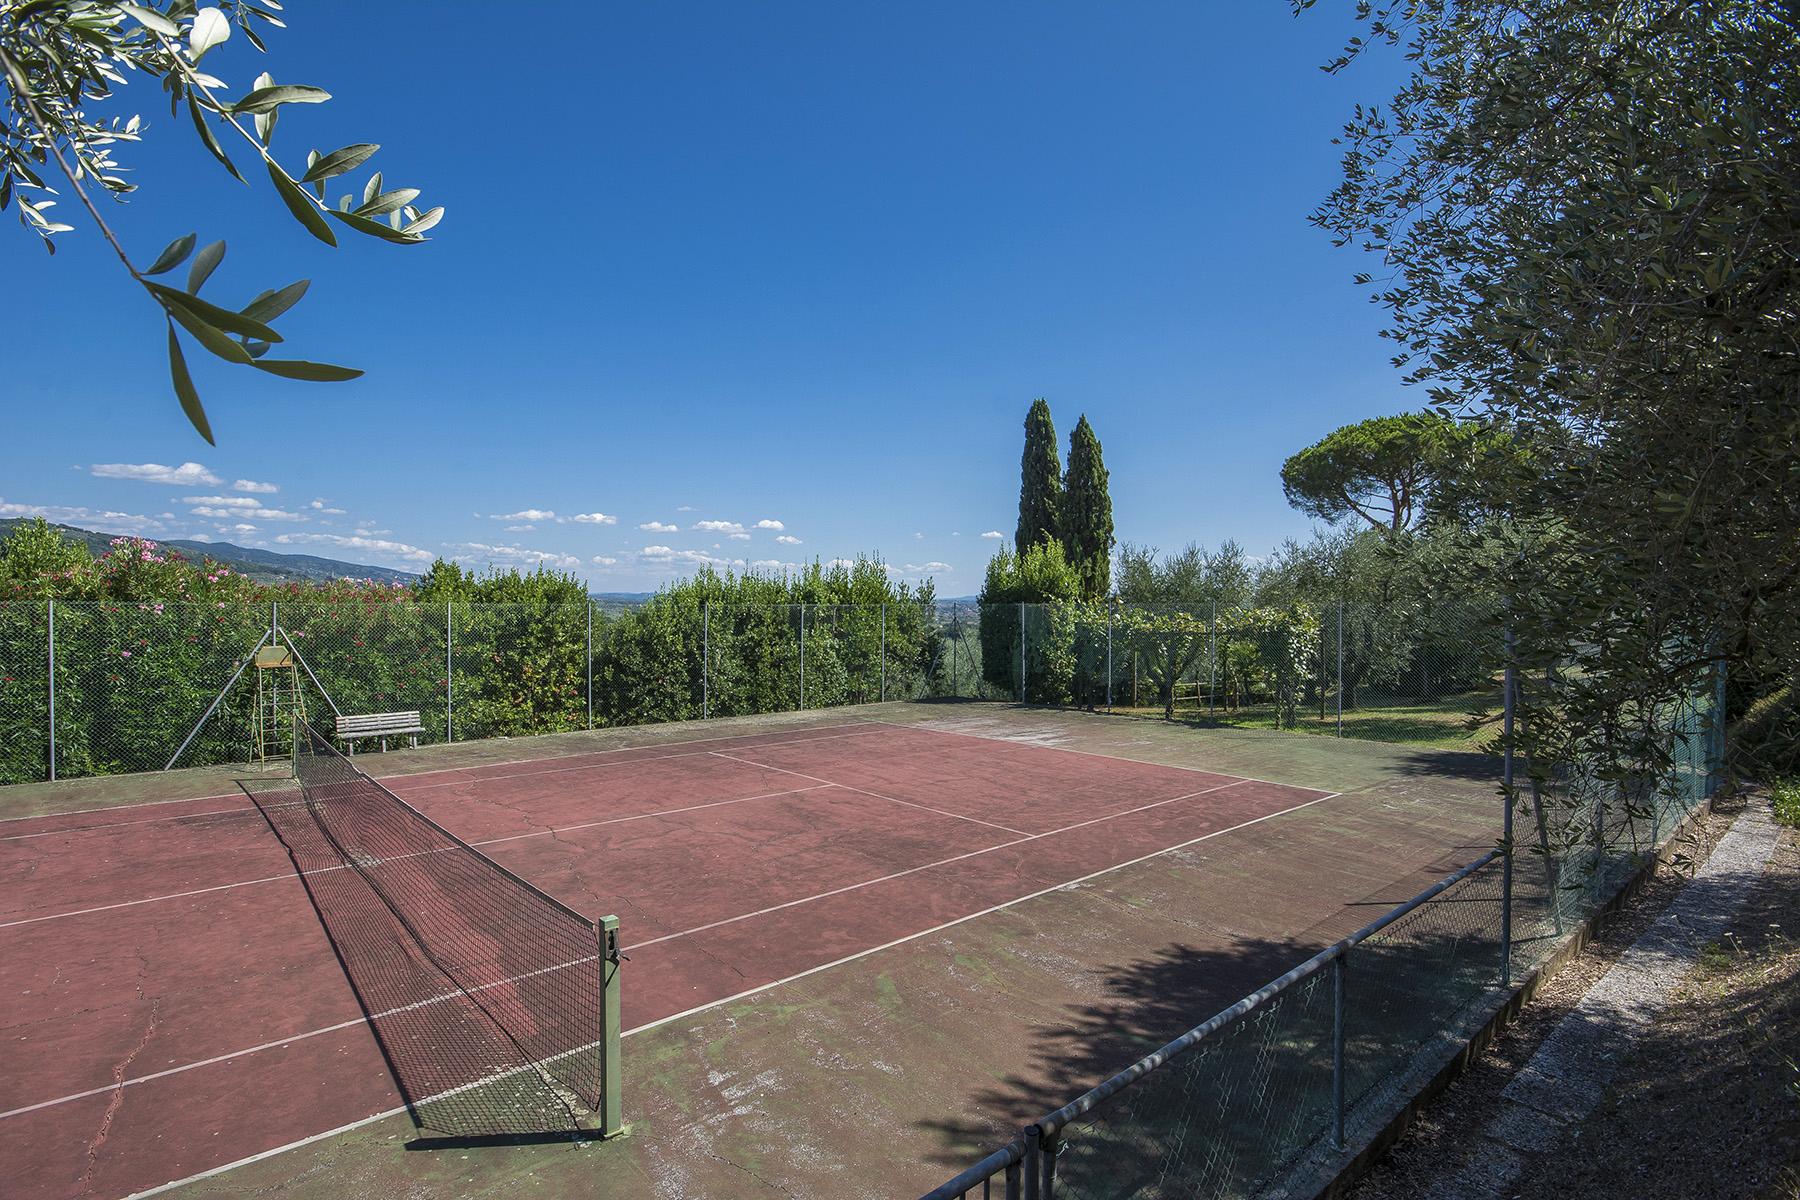 Rustico in Vendita a Monsummano Terme: 5 locali, 570 mq - Foto 12